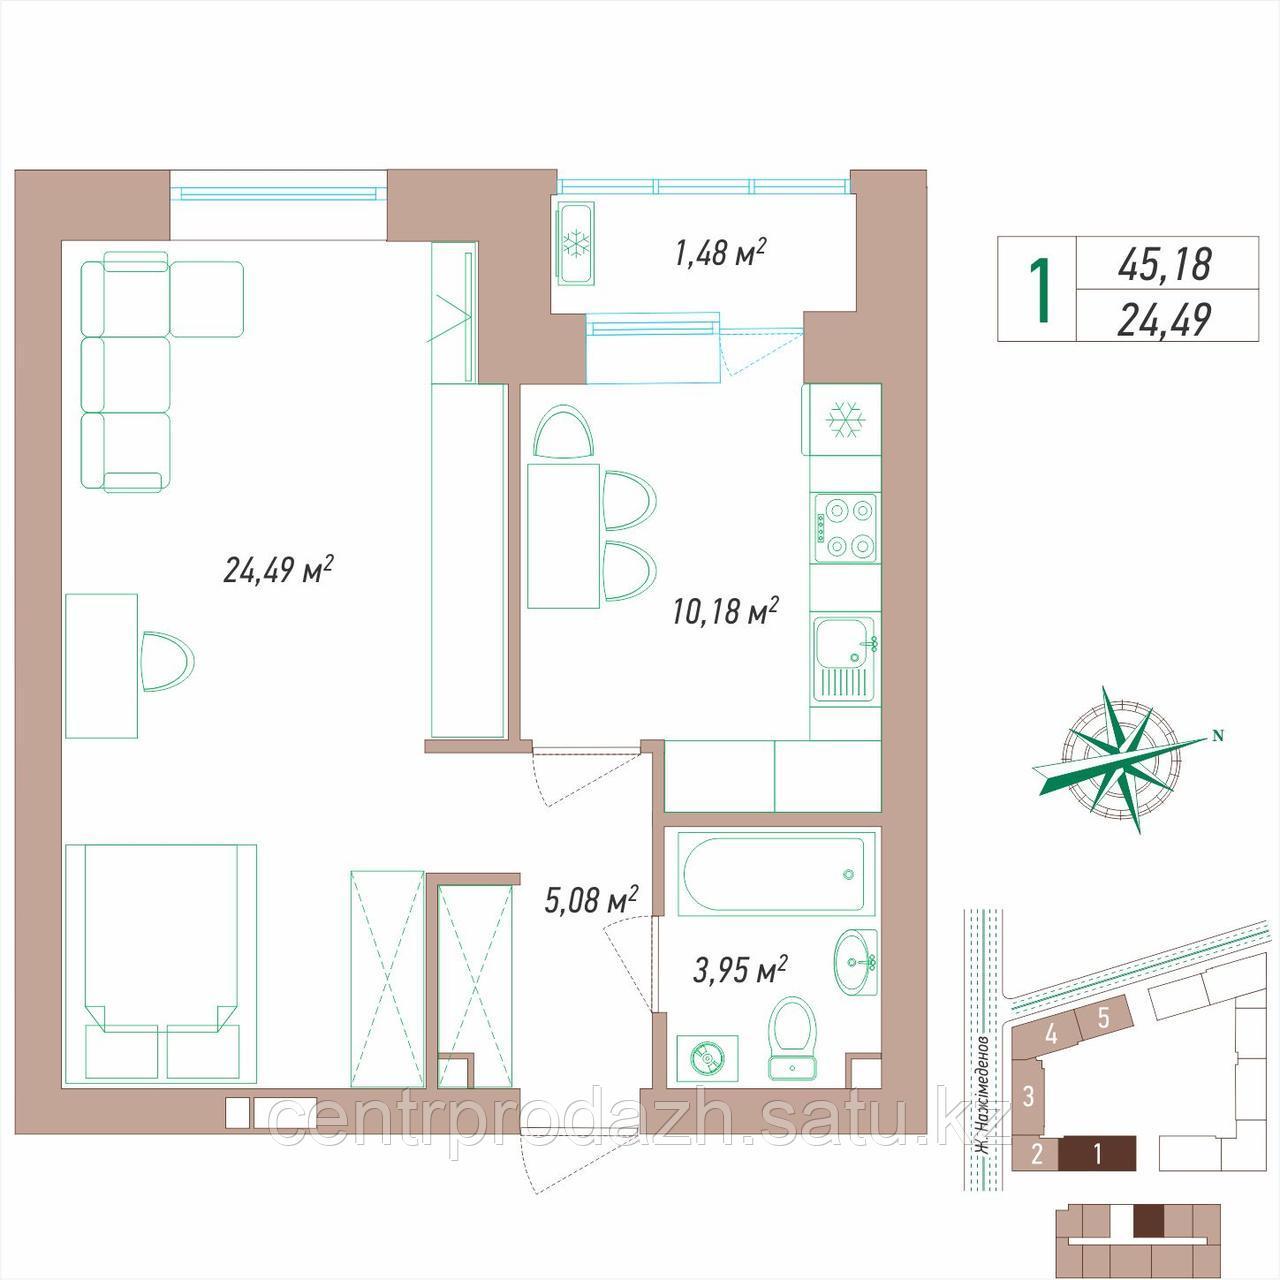 1 комнатная квартира в ЖК VIEW PARK 45.18 м²